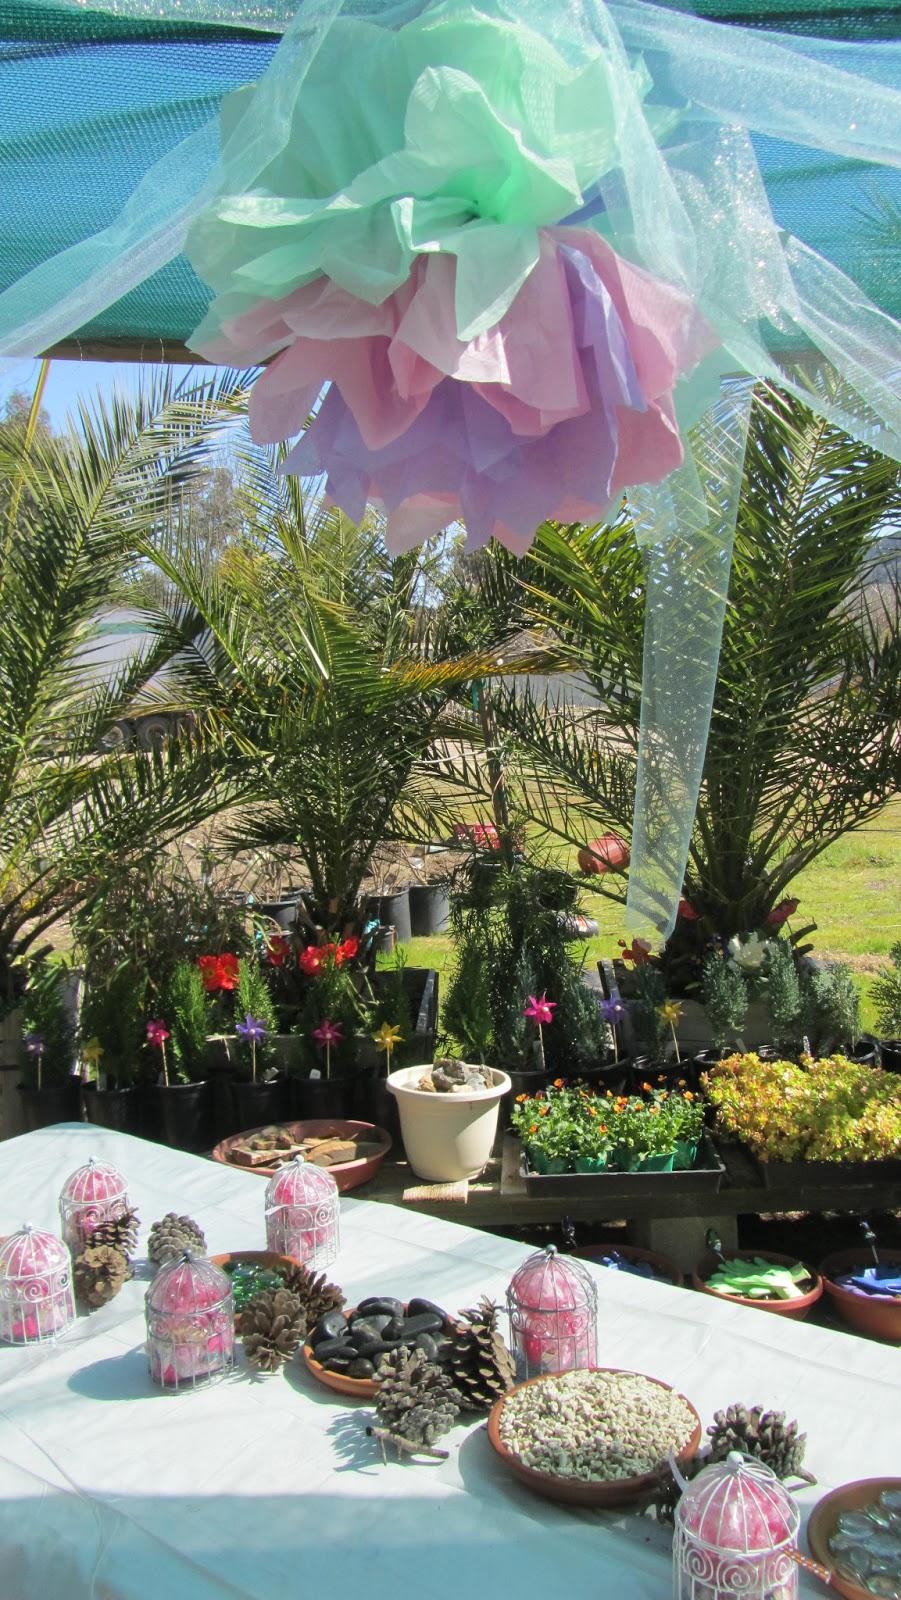 Enchanted Garden: Valley Center Nursery: Enchanted Fairy Garden Birthday Party